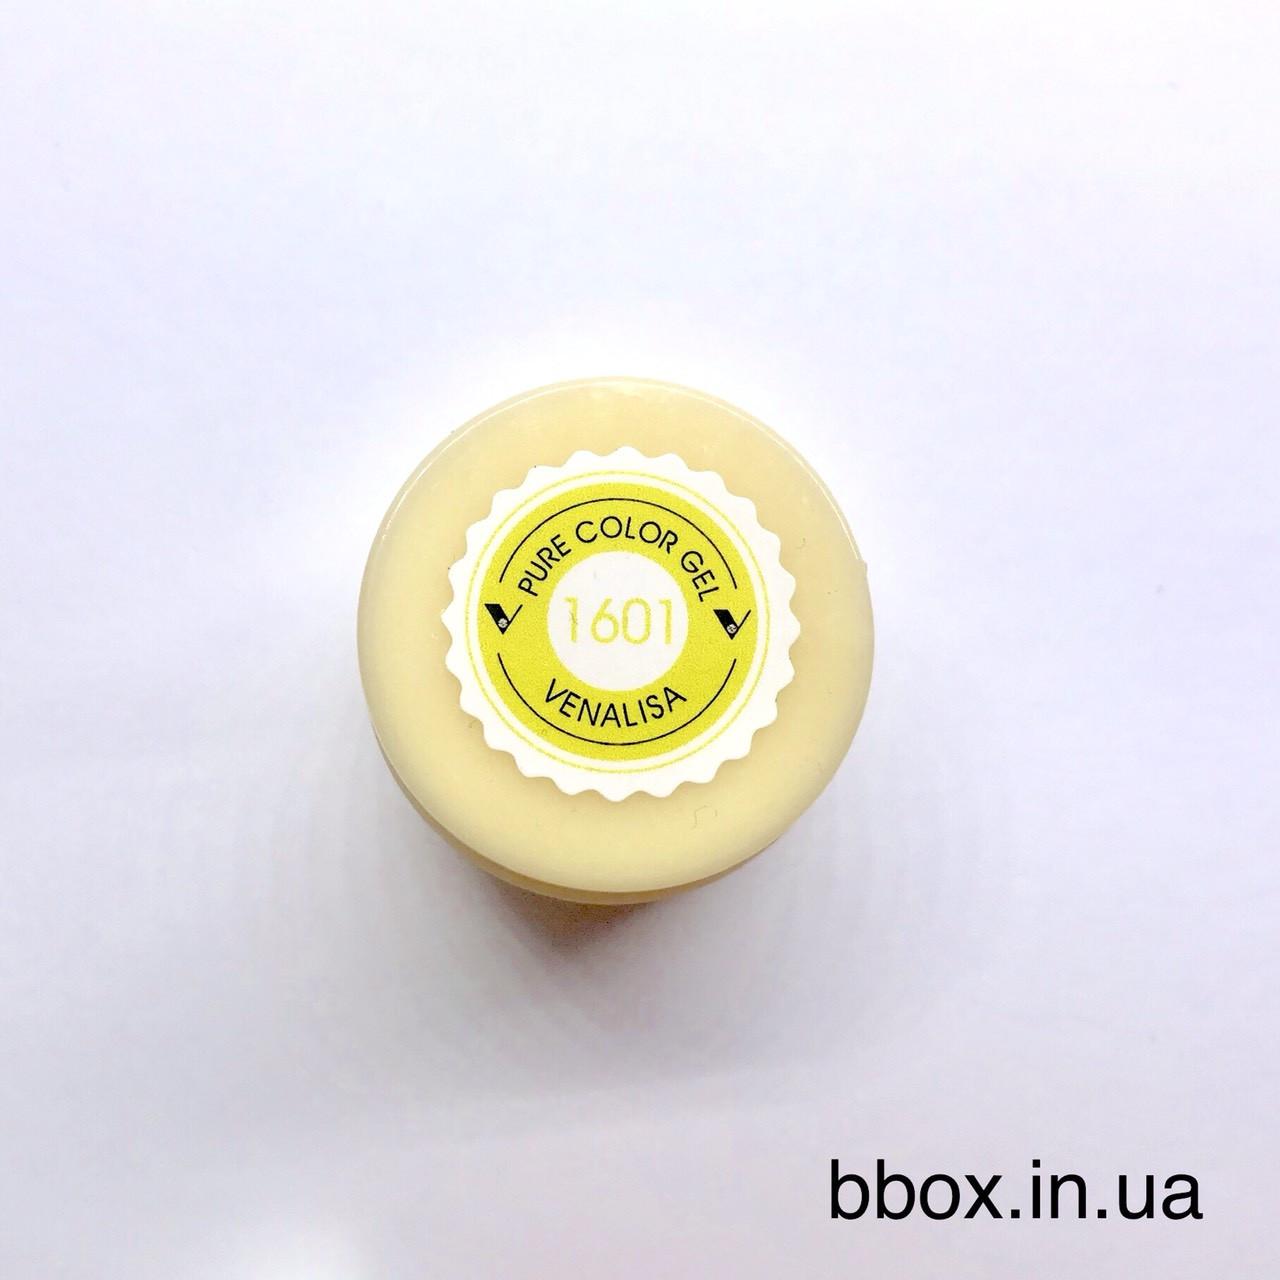 Гель-краска Vena Lisa №1601